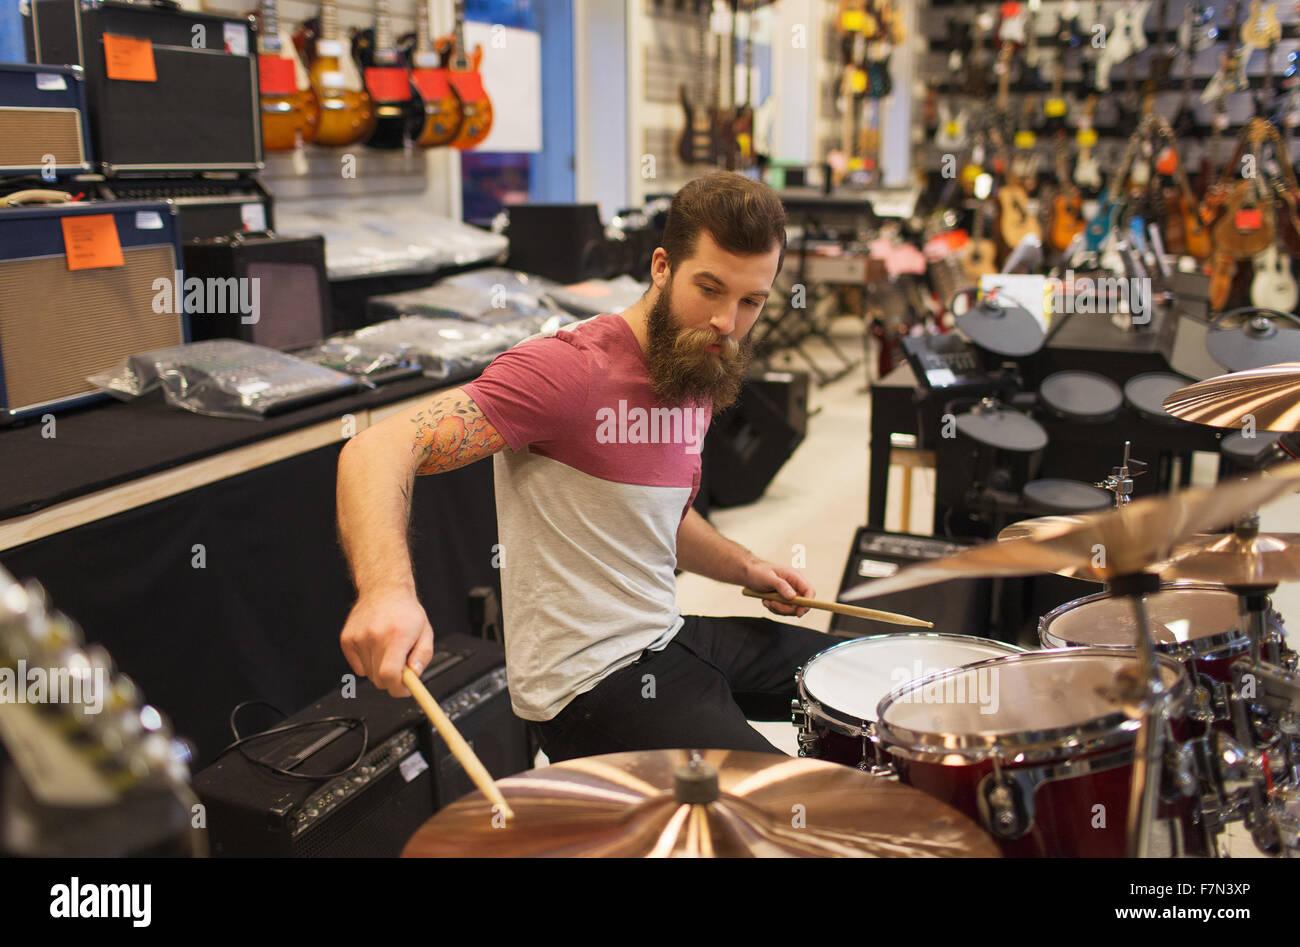 Musicista maschio riproduzione di cembali al music store Immagini Stock